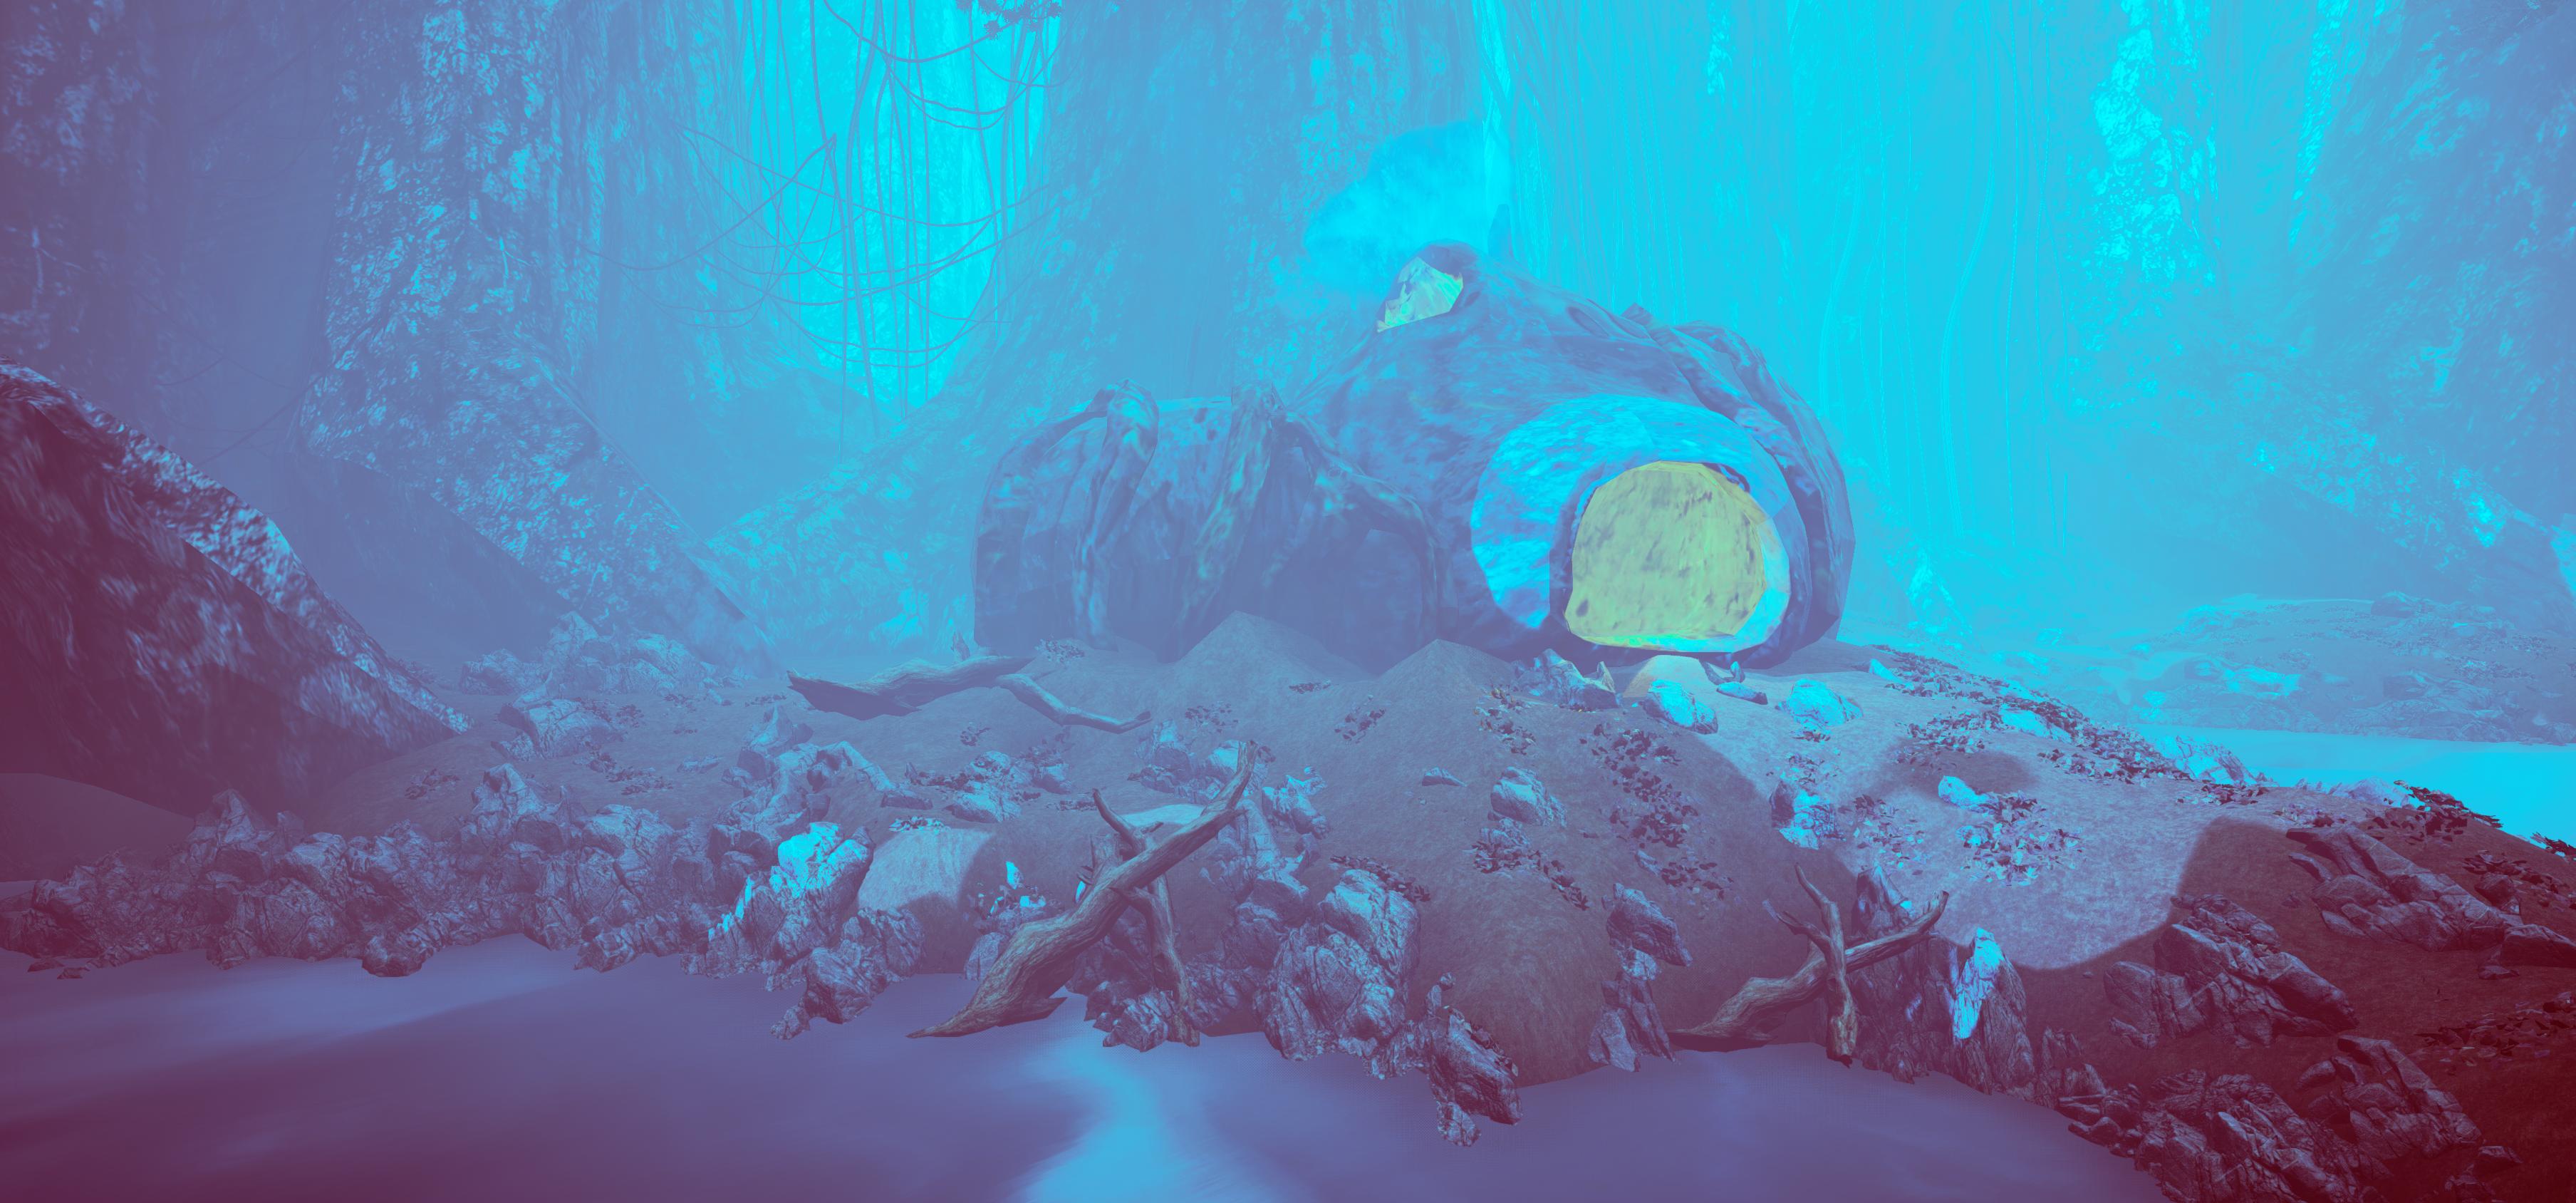 Yoda's Hut in Dagobah